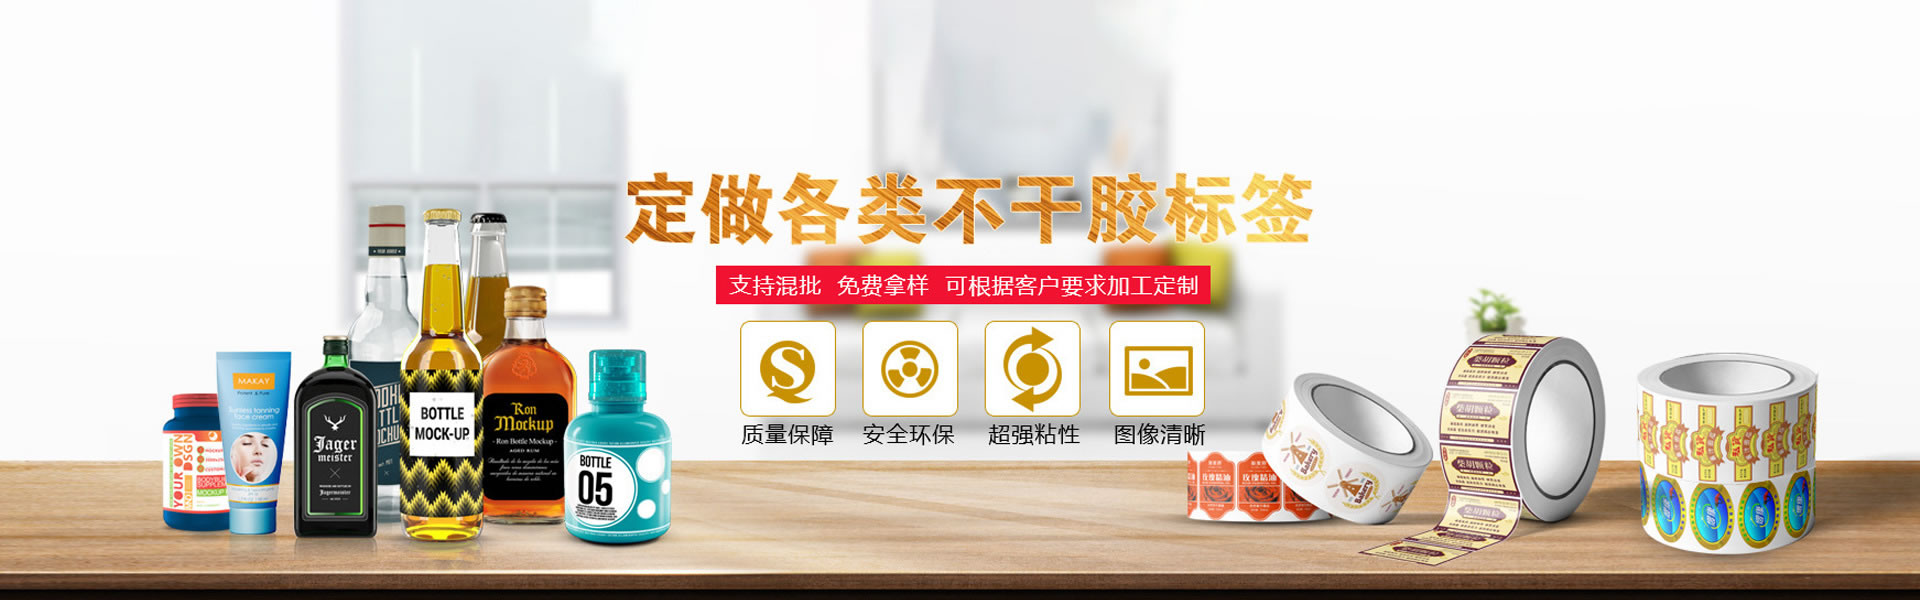 北京快乐8网站-首页_WelcomelscR_印刷不干胶标签厂家